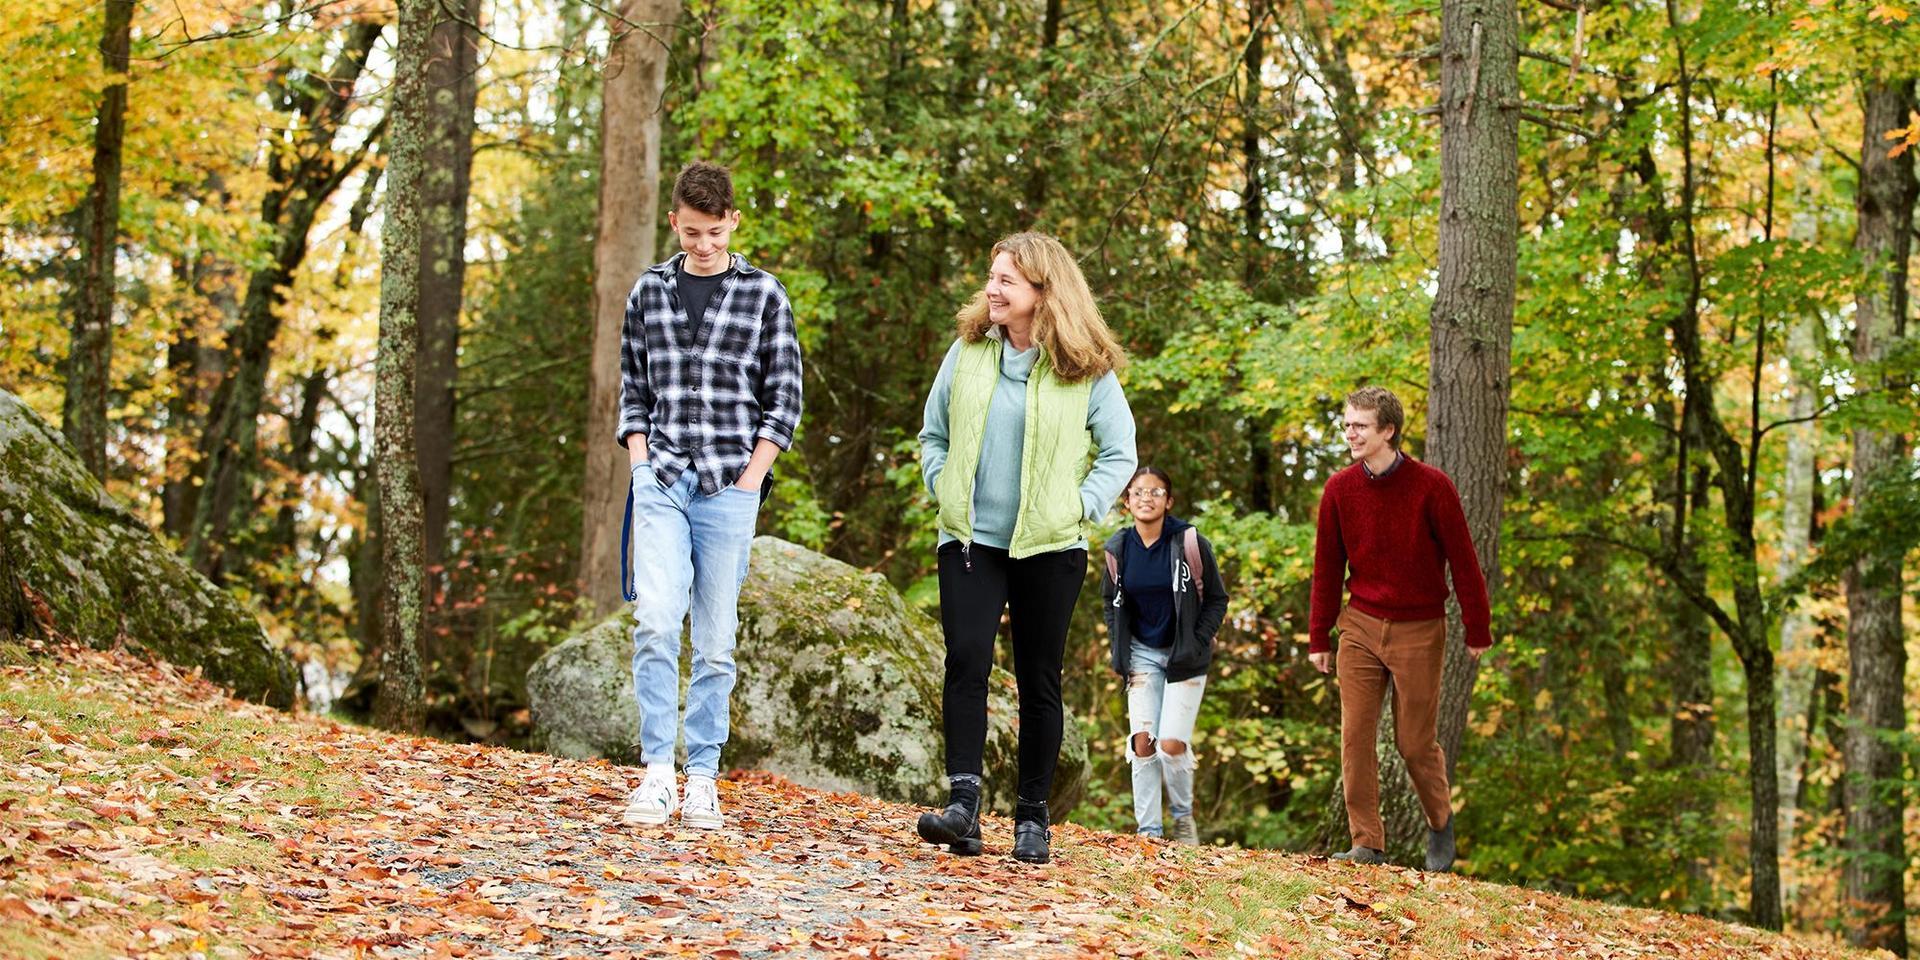 顾问和他们的顾问在校园的一条小径上散步.